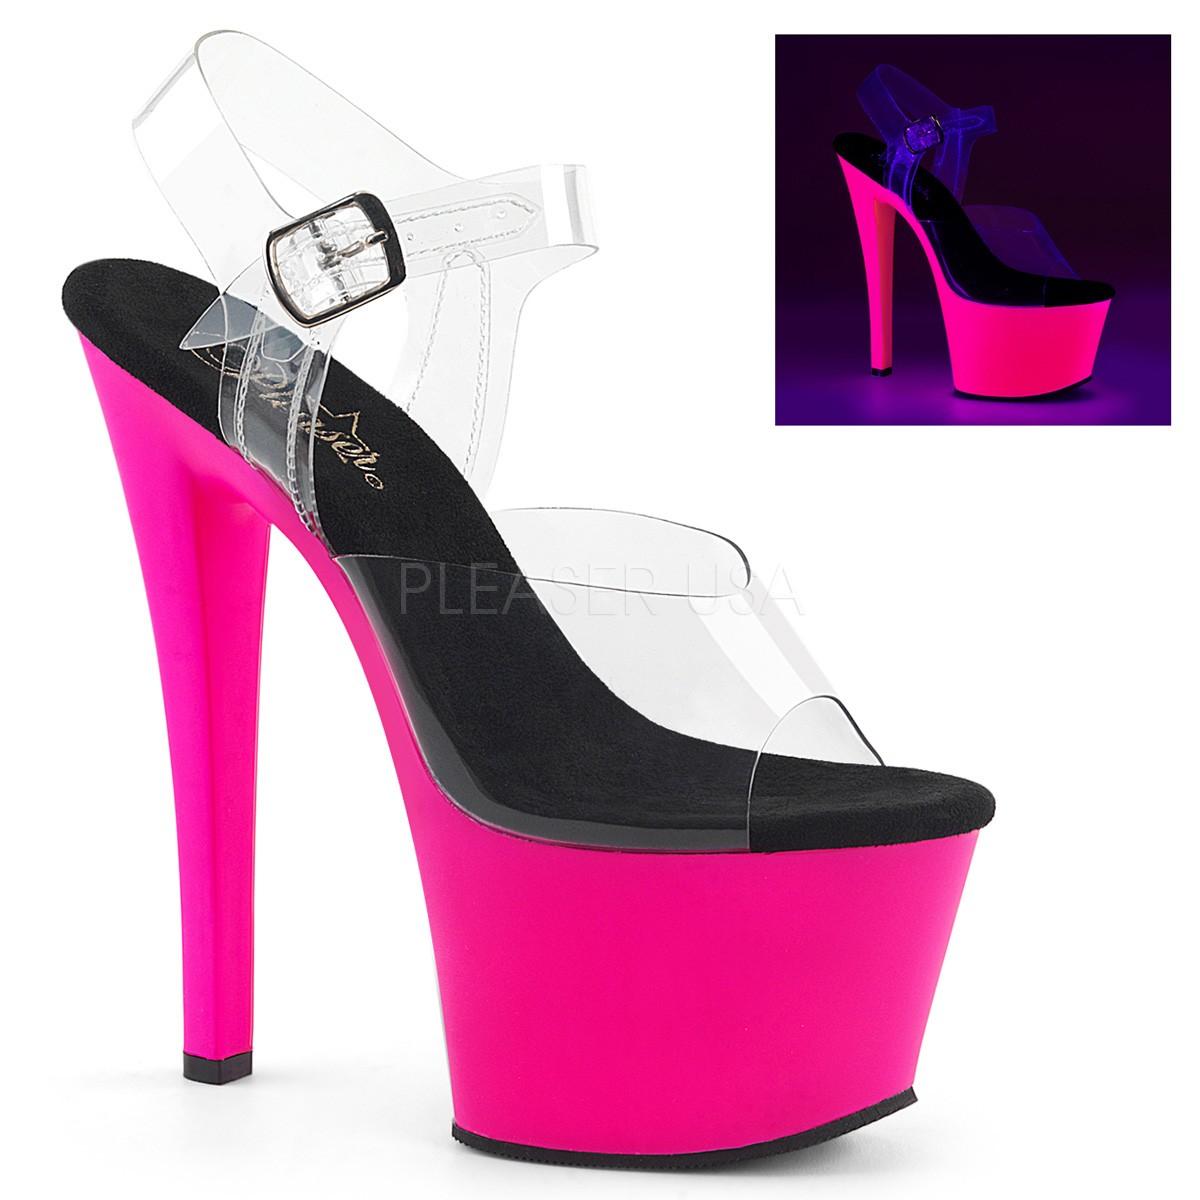 sky-308uv-neon-h-pink